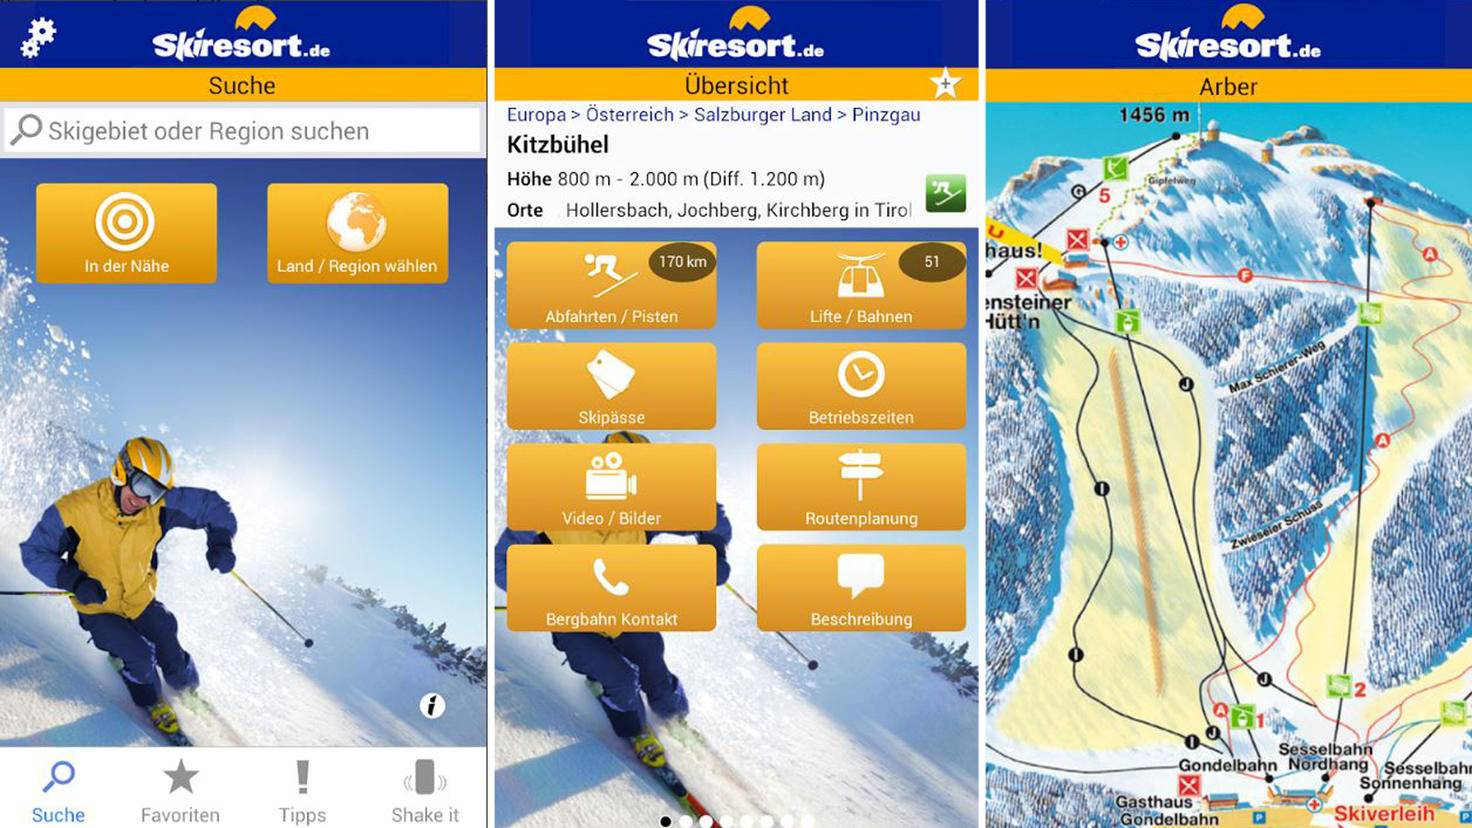 skiresort.de app